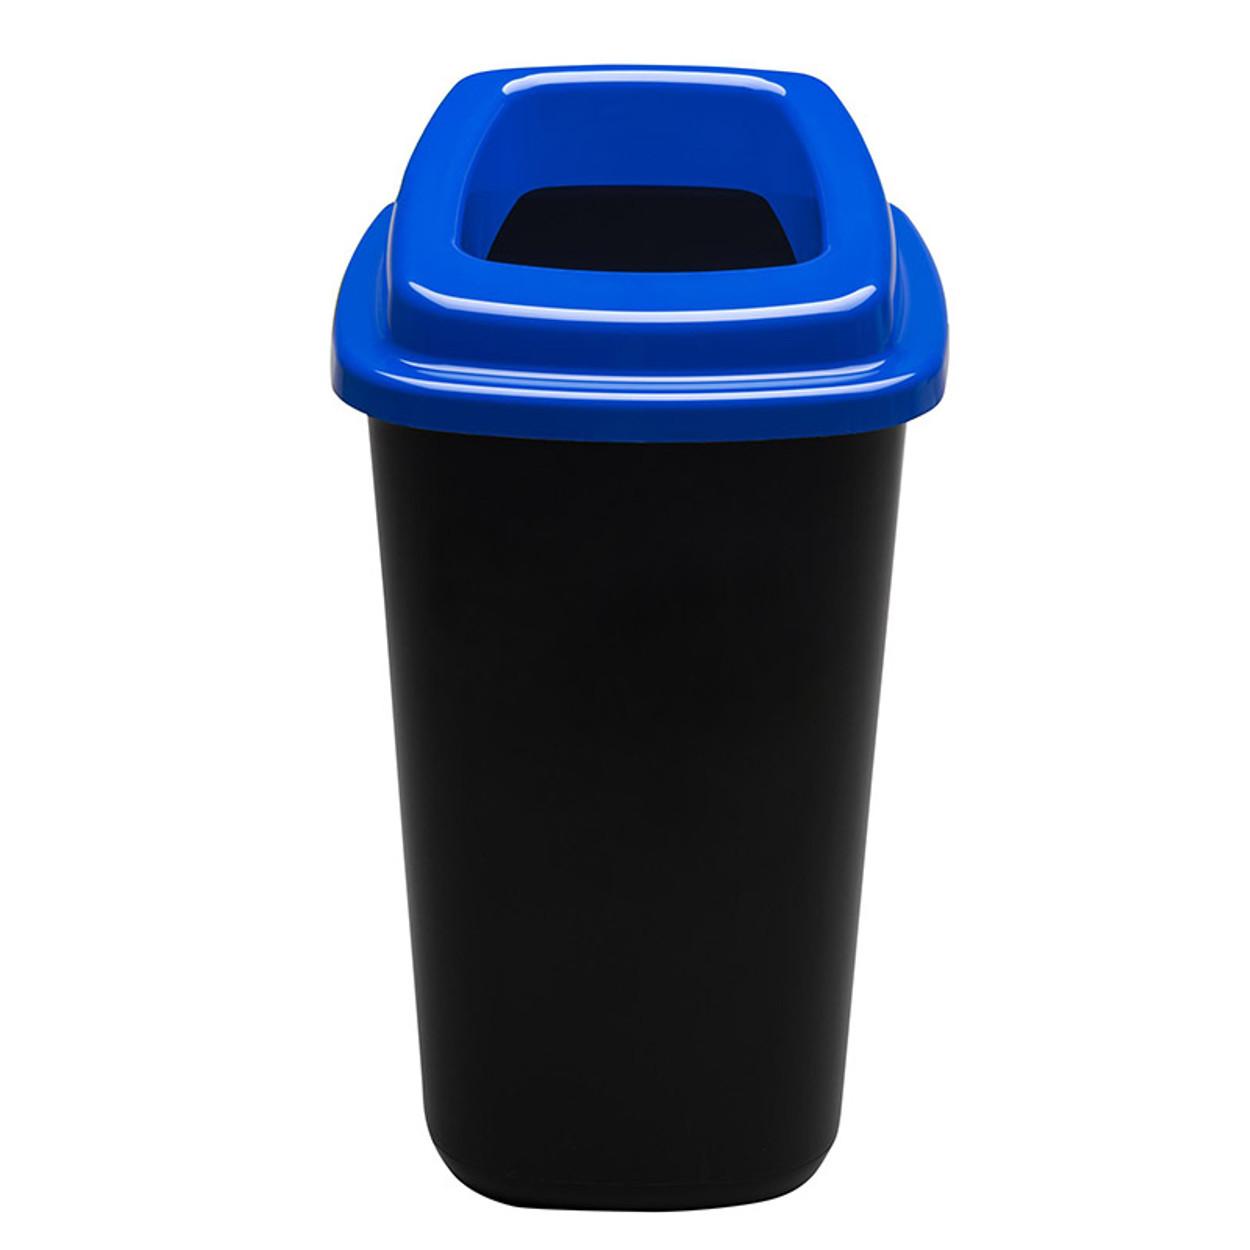 Plastový koš na tříděný odpad, 45 l, modrá